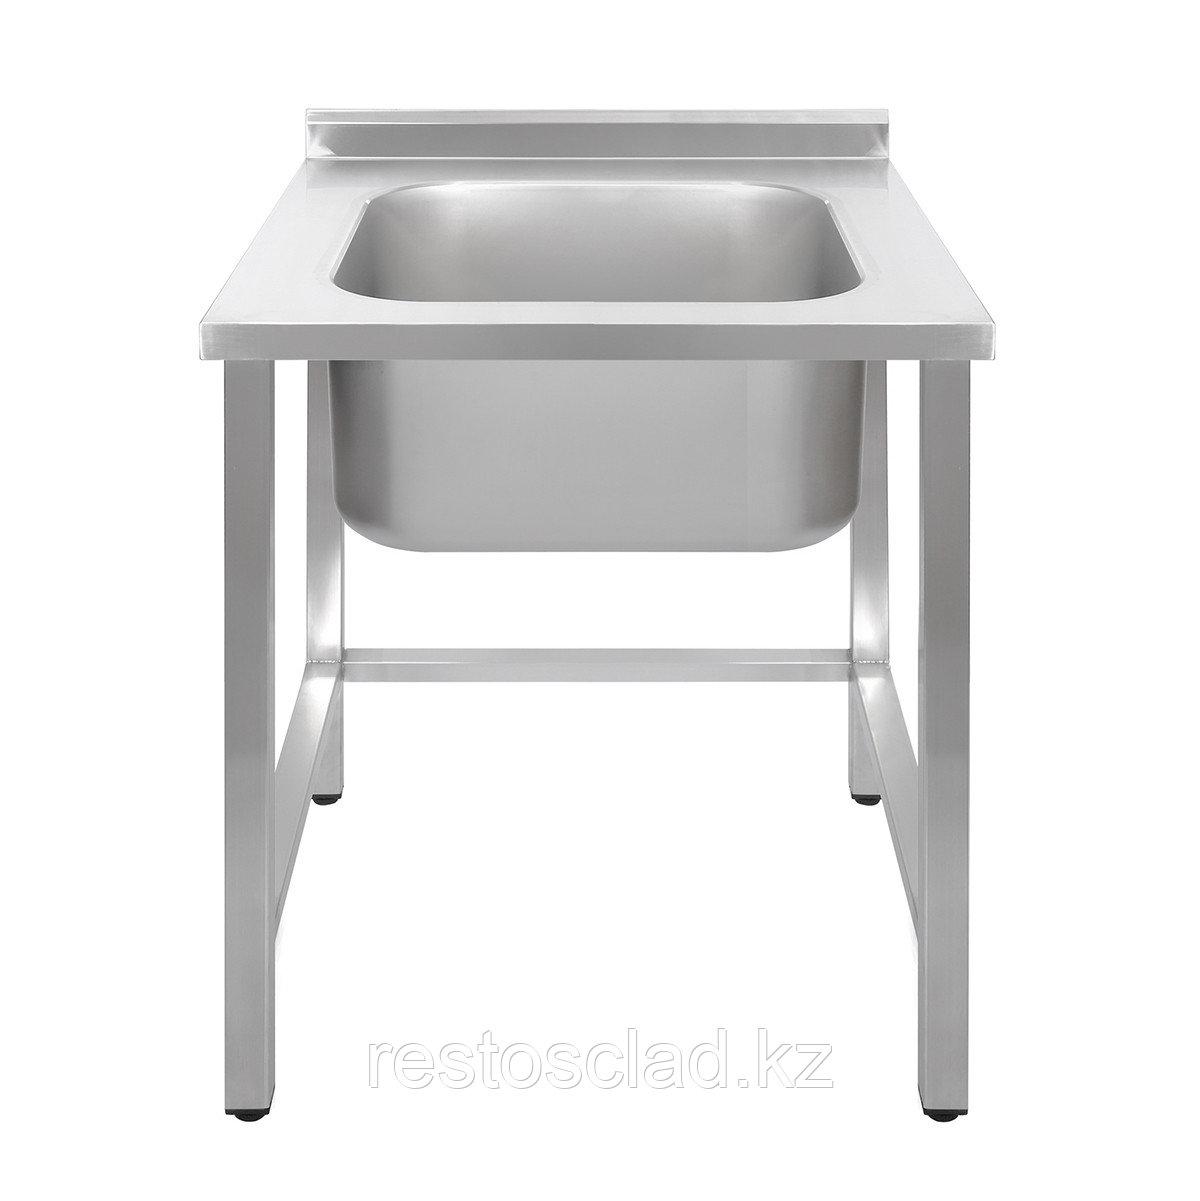 Ванна моечная односекционная Luxstahl ВМ1 7/7/8.5 (0.8) без фартука